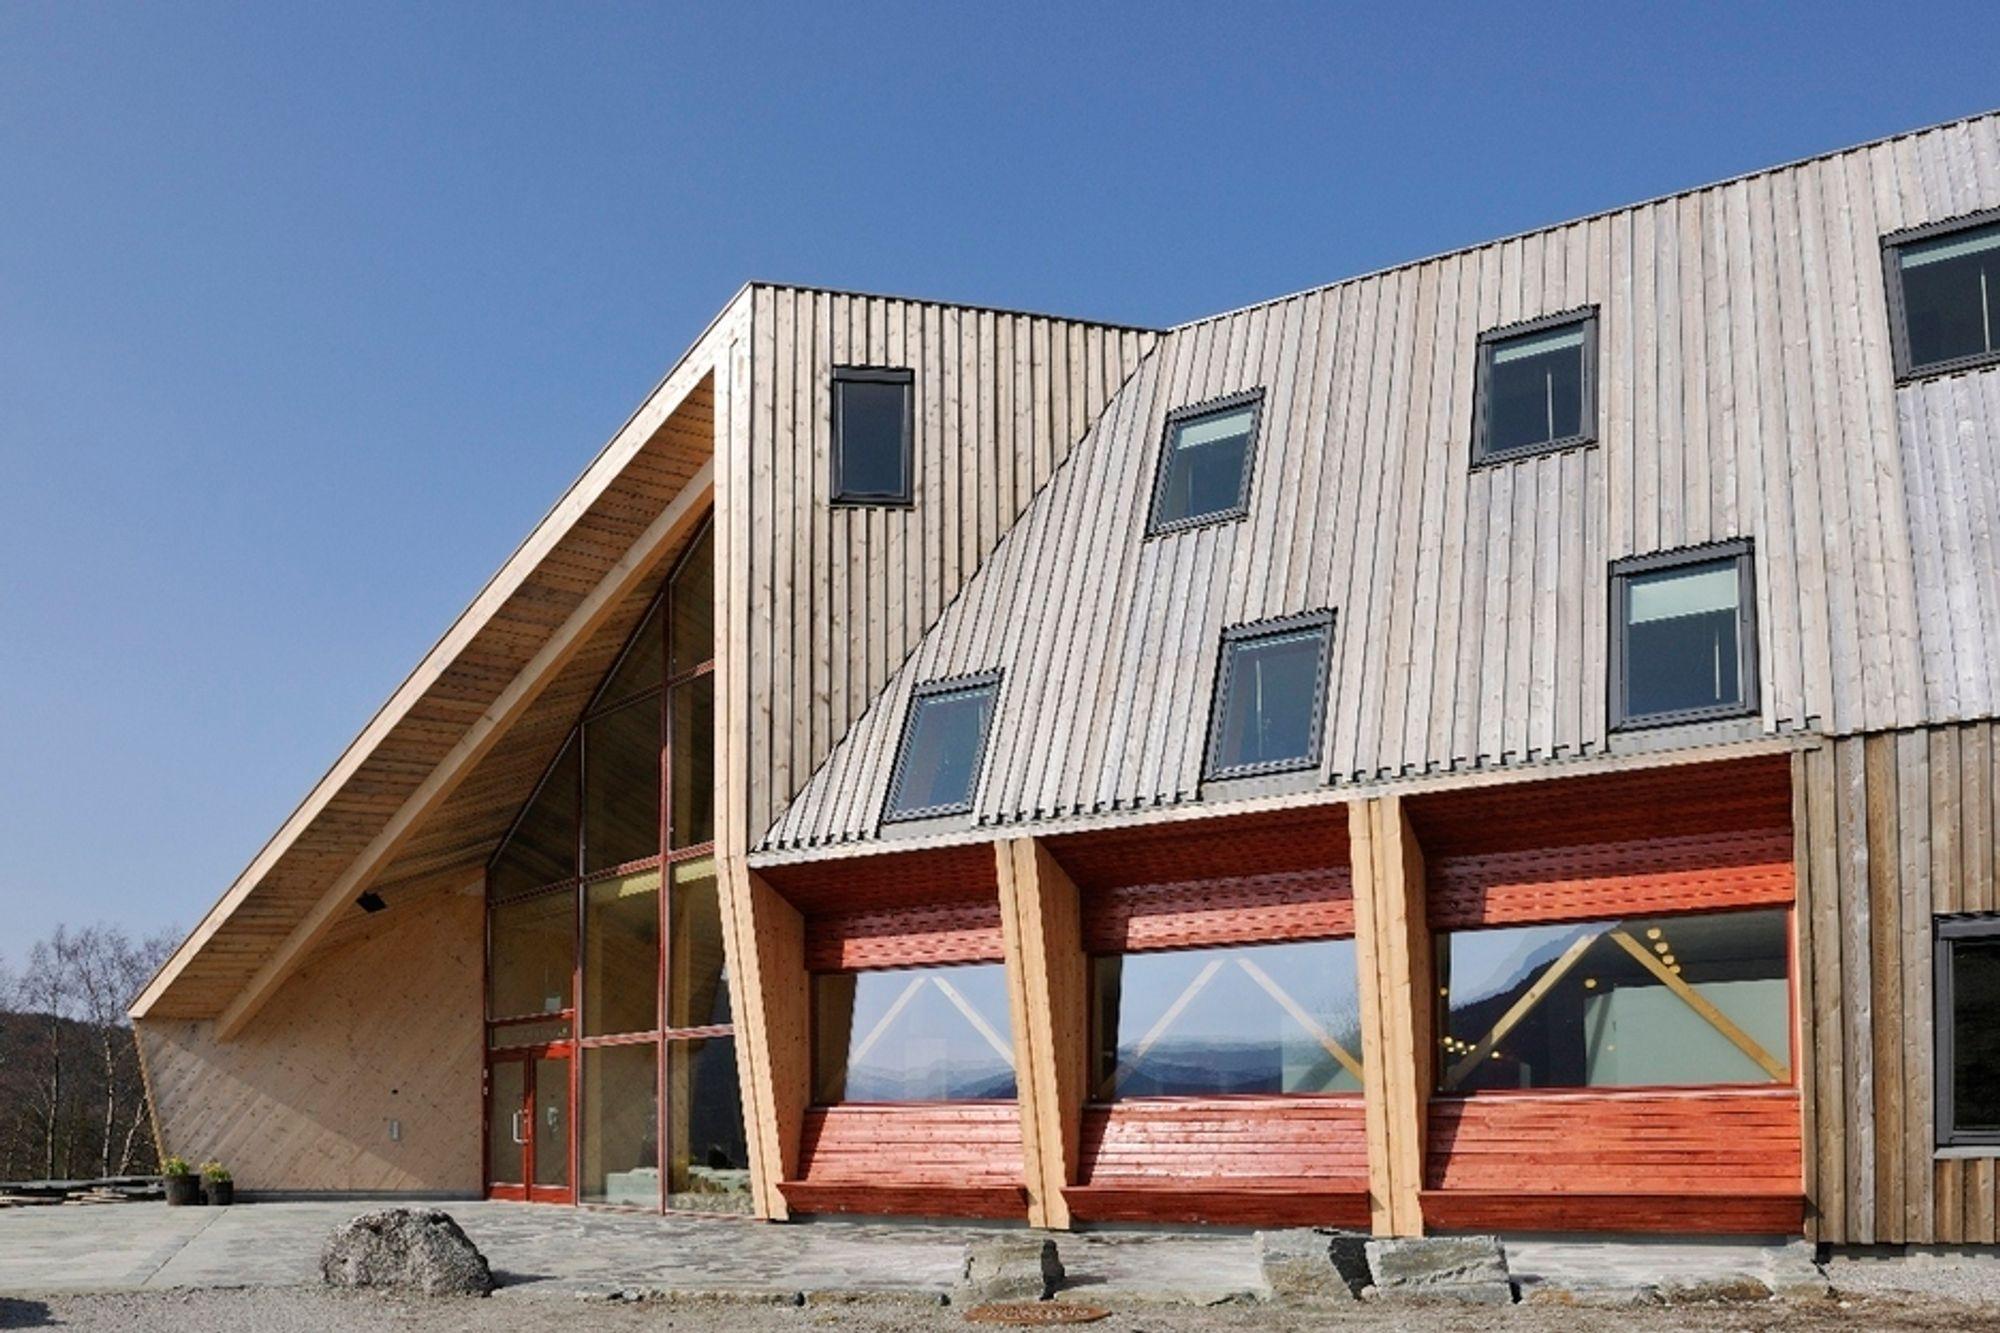 PRISBELØNT: Preikestolhytta er ført opp i maassivtre fra Holz100, uten spiker, lim eller plast. Hytta fikk Statens Byggeskikkpris for 2009